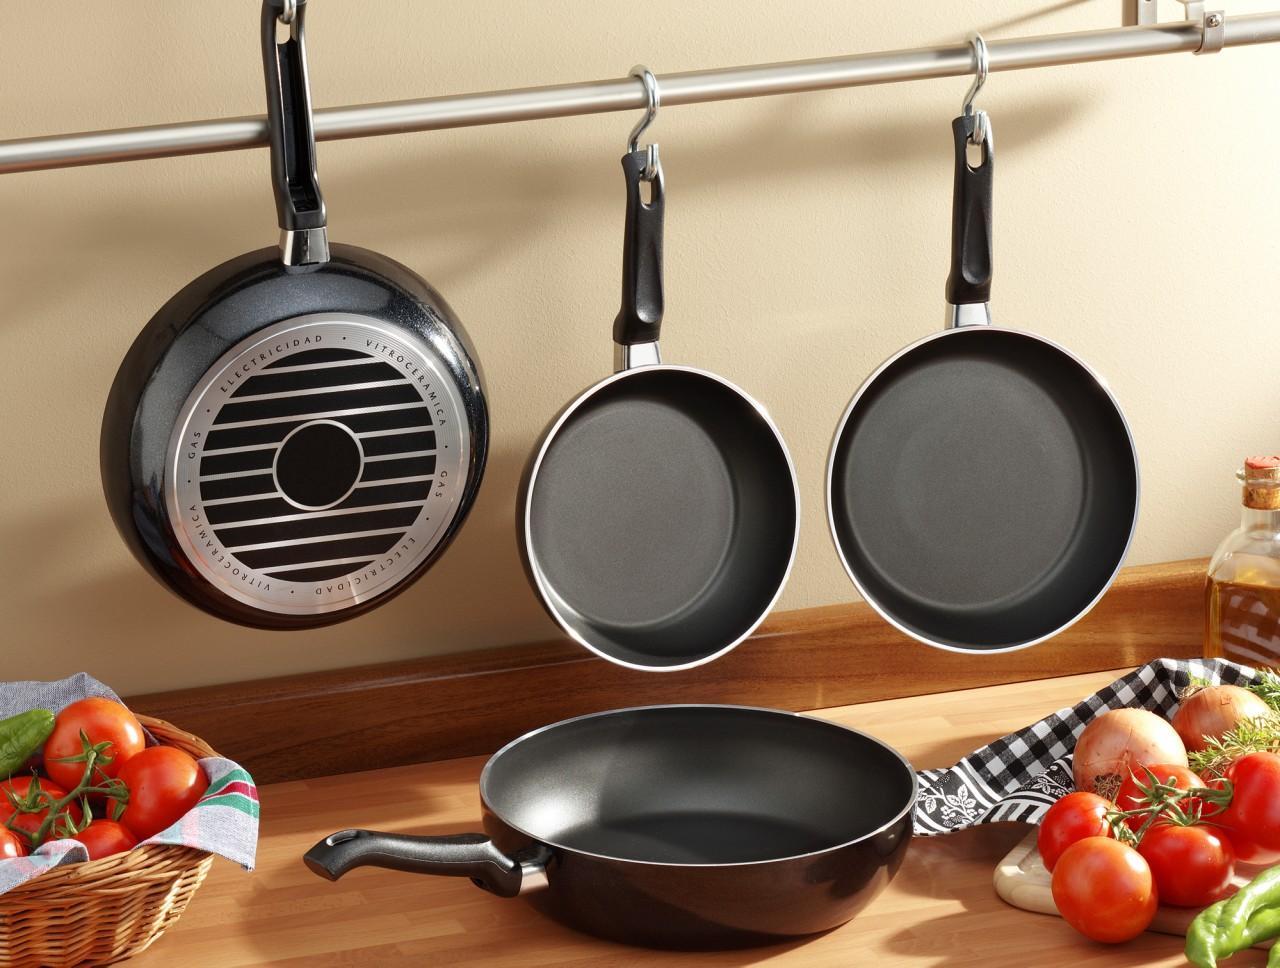 Керамика, тефлон или мрамор: сравнение популярных сковородок и их покрытий. В чем разница?